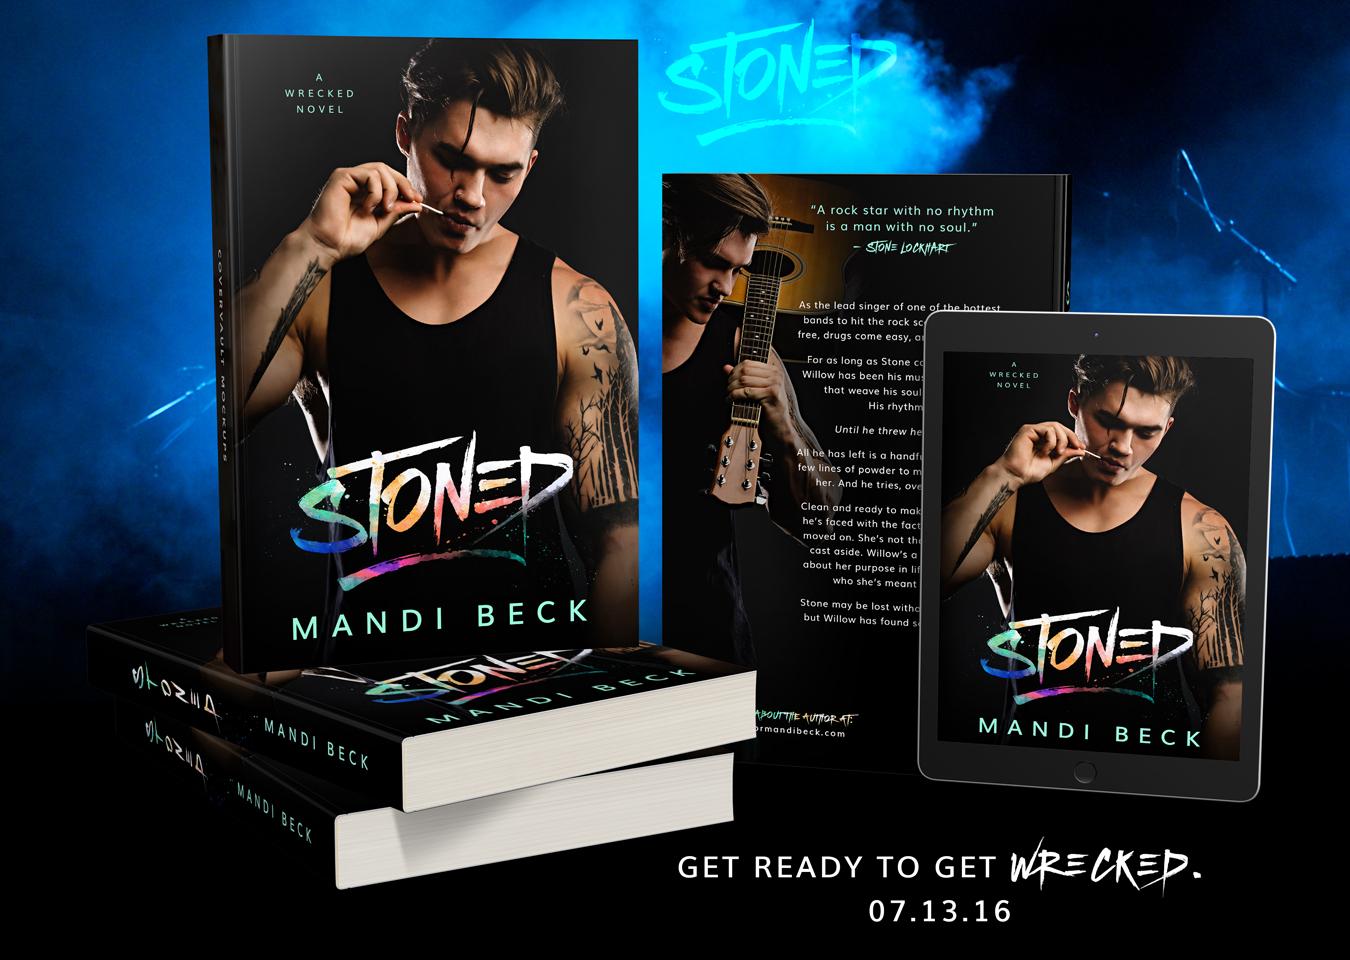 stoned teaser graphic.jpg